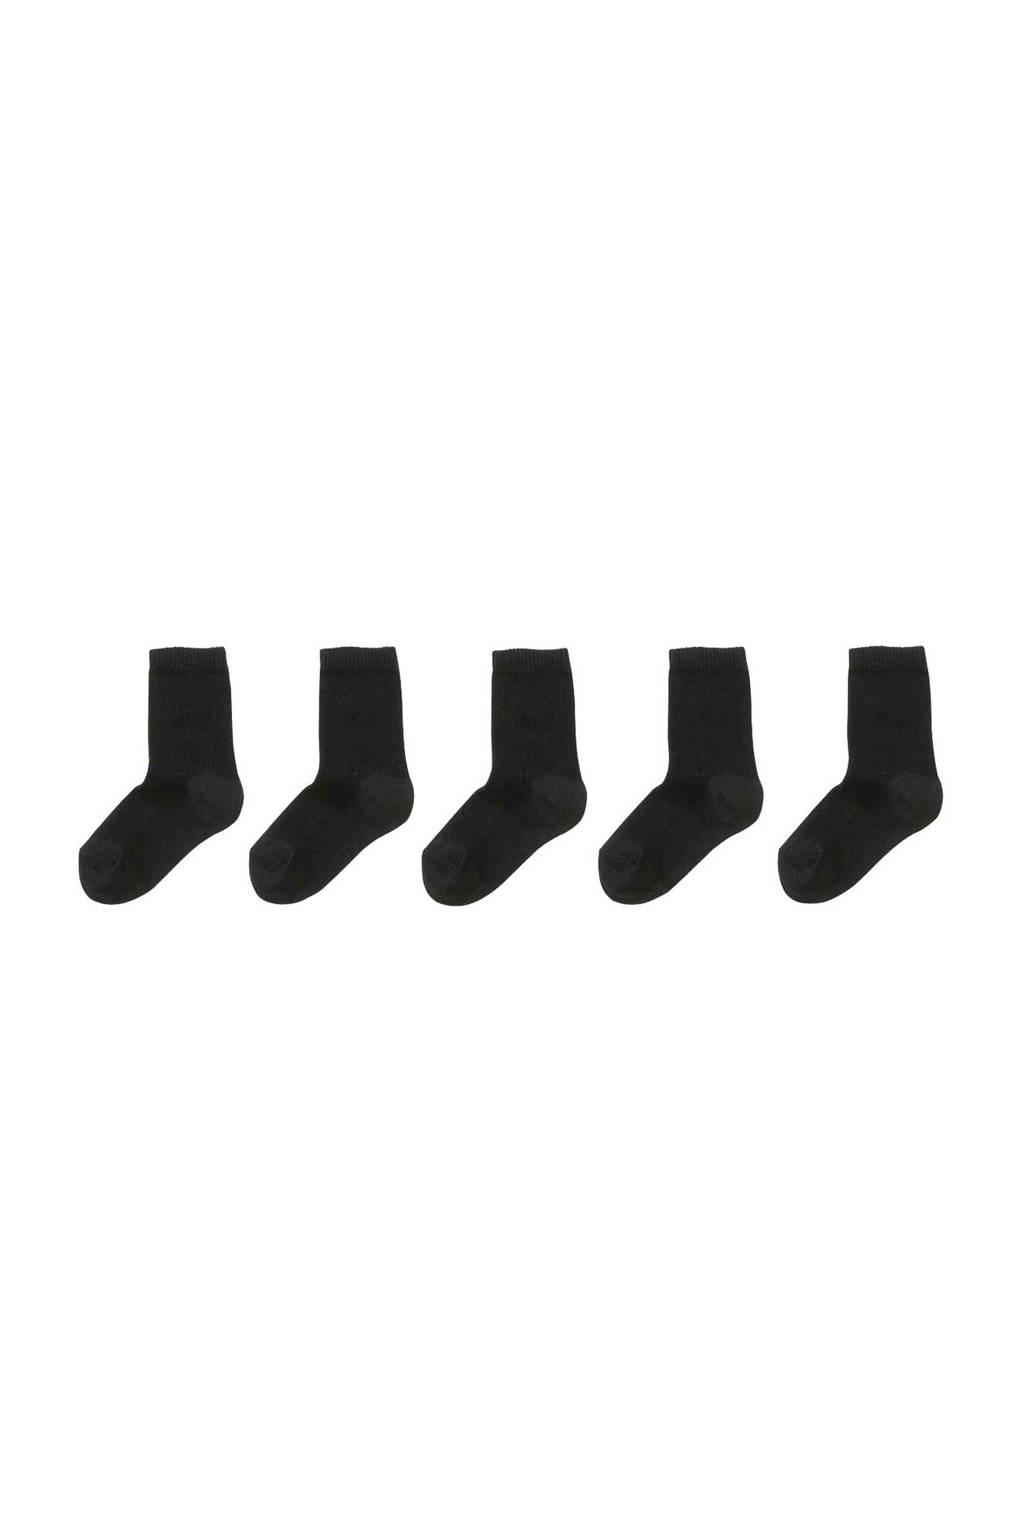 HEMA sokken - set van 5 zwart, Zwart